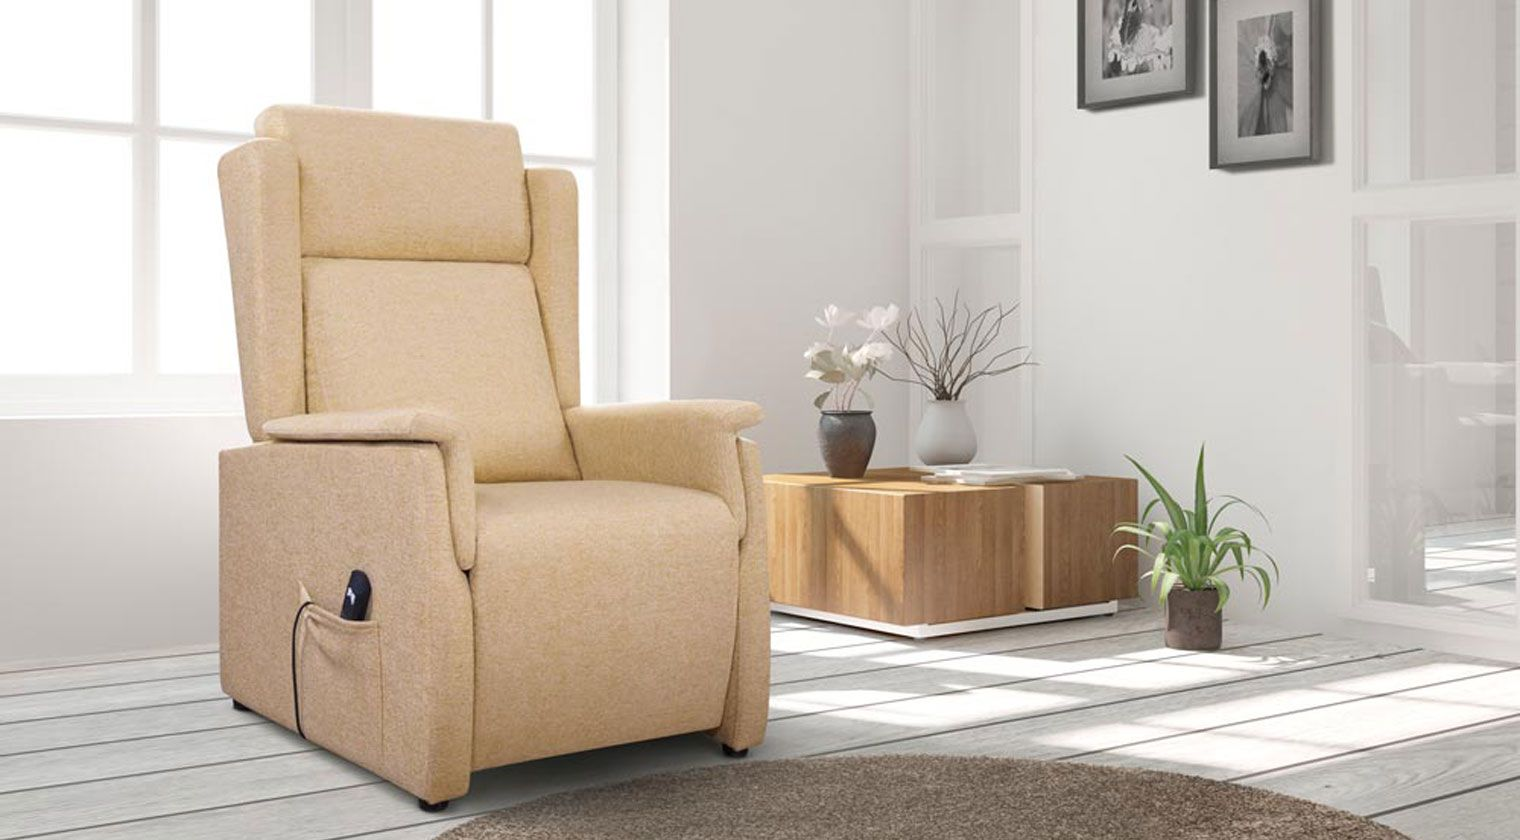 Sillones de relax baratos elegant silln relax orejero for Sillones comodos y baratos